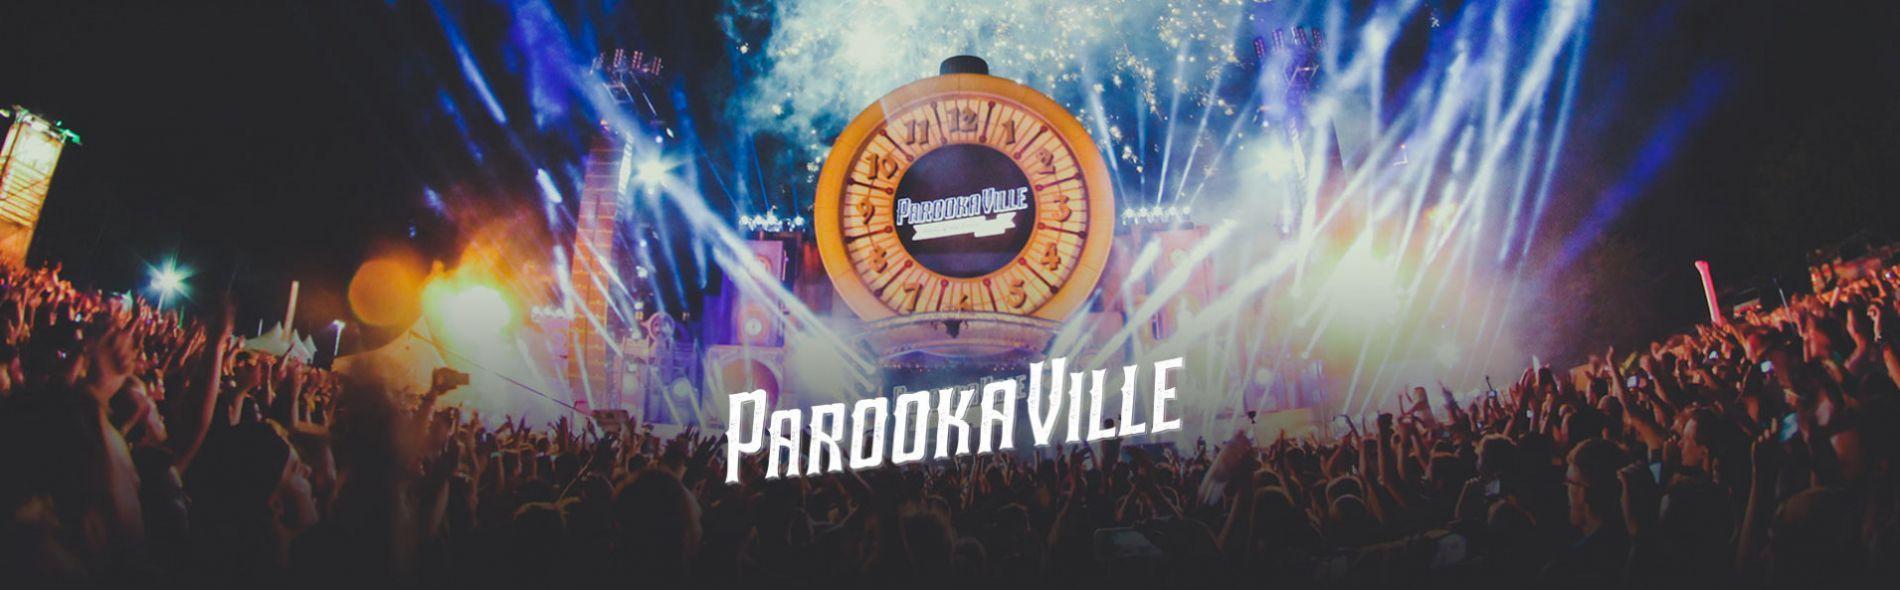 Parookaville, Penny & Spinnin' Records